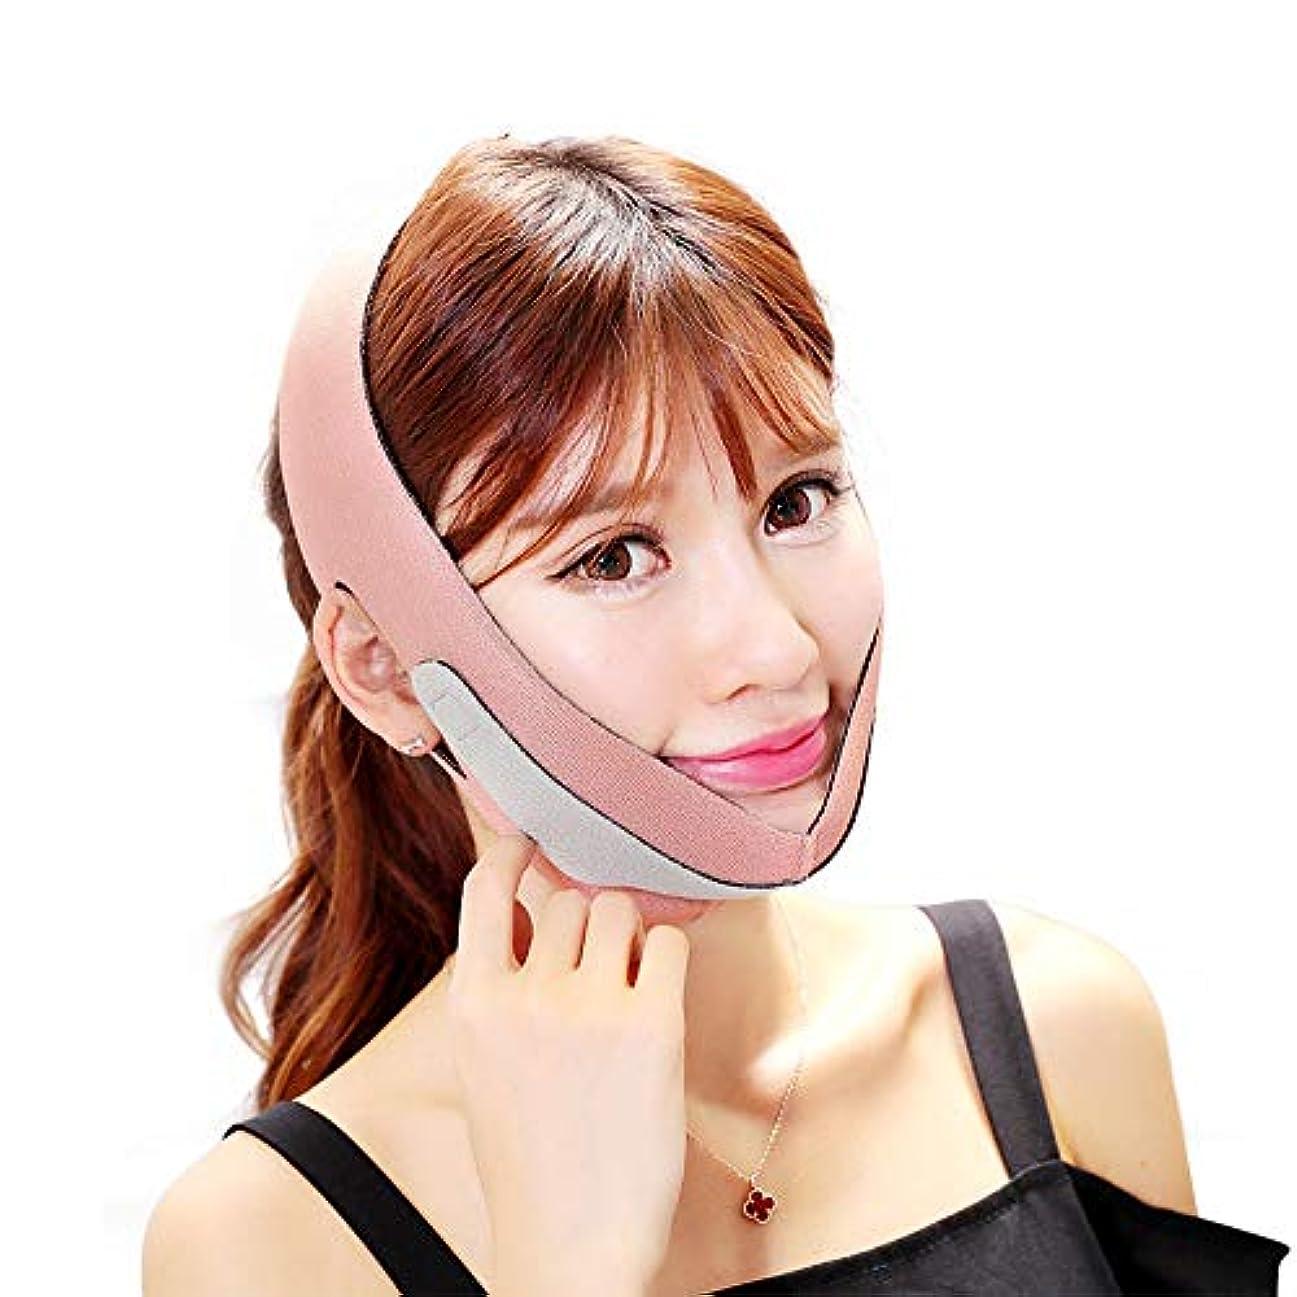 ホバーオーブンしわ【Maveni】小顔 ベルト 美顔 顔痩せ 最新型 リフトアップベルト フェイスマスク メンズ レディース